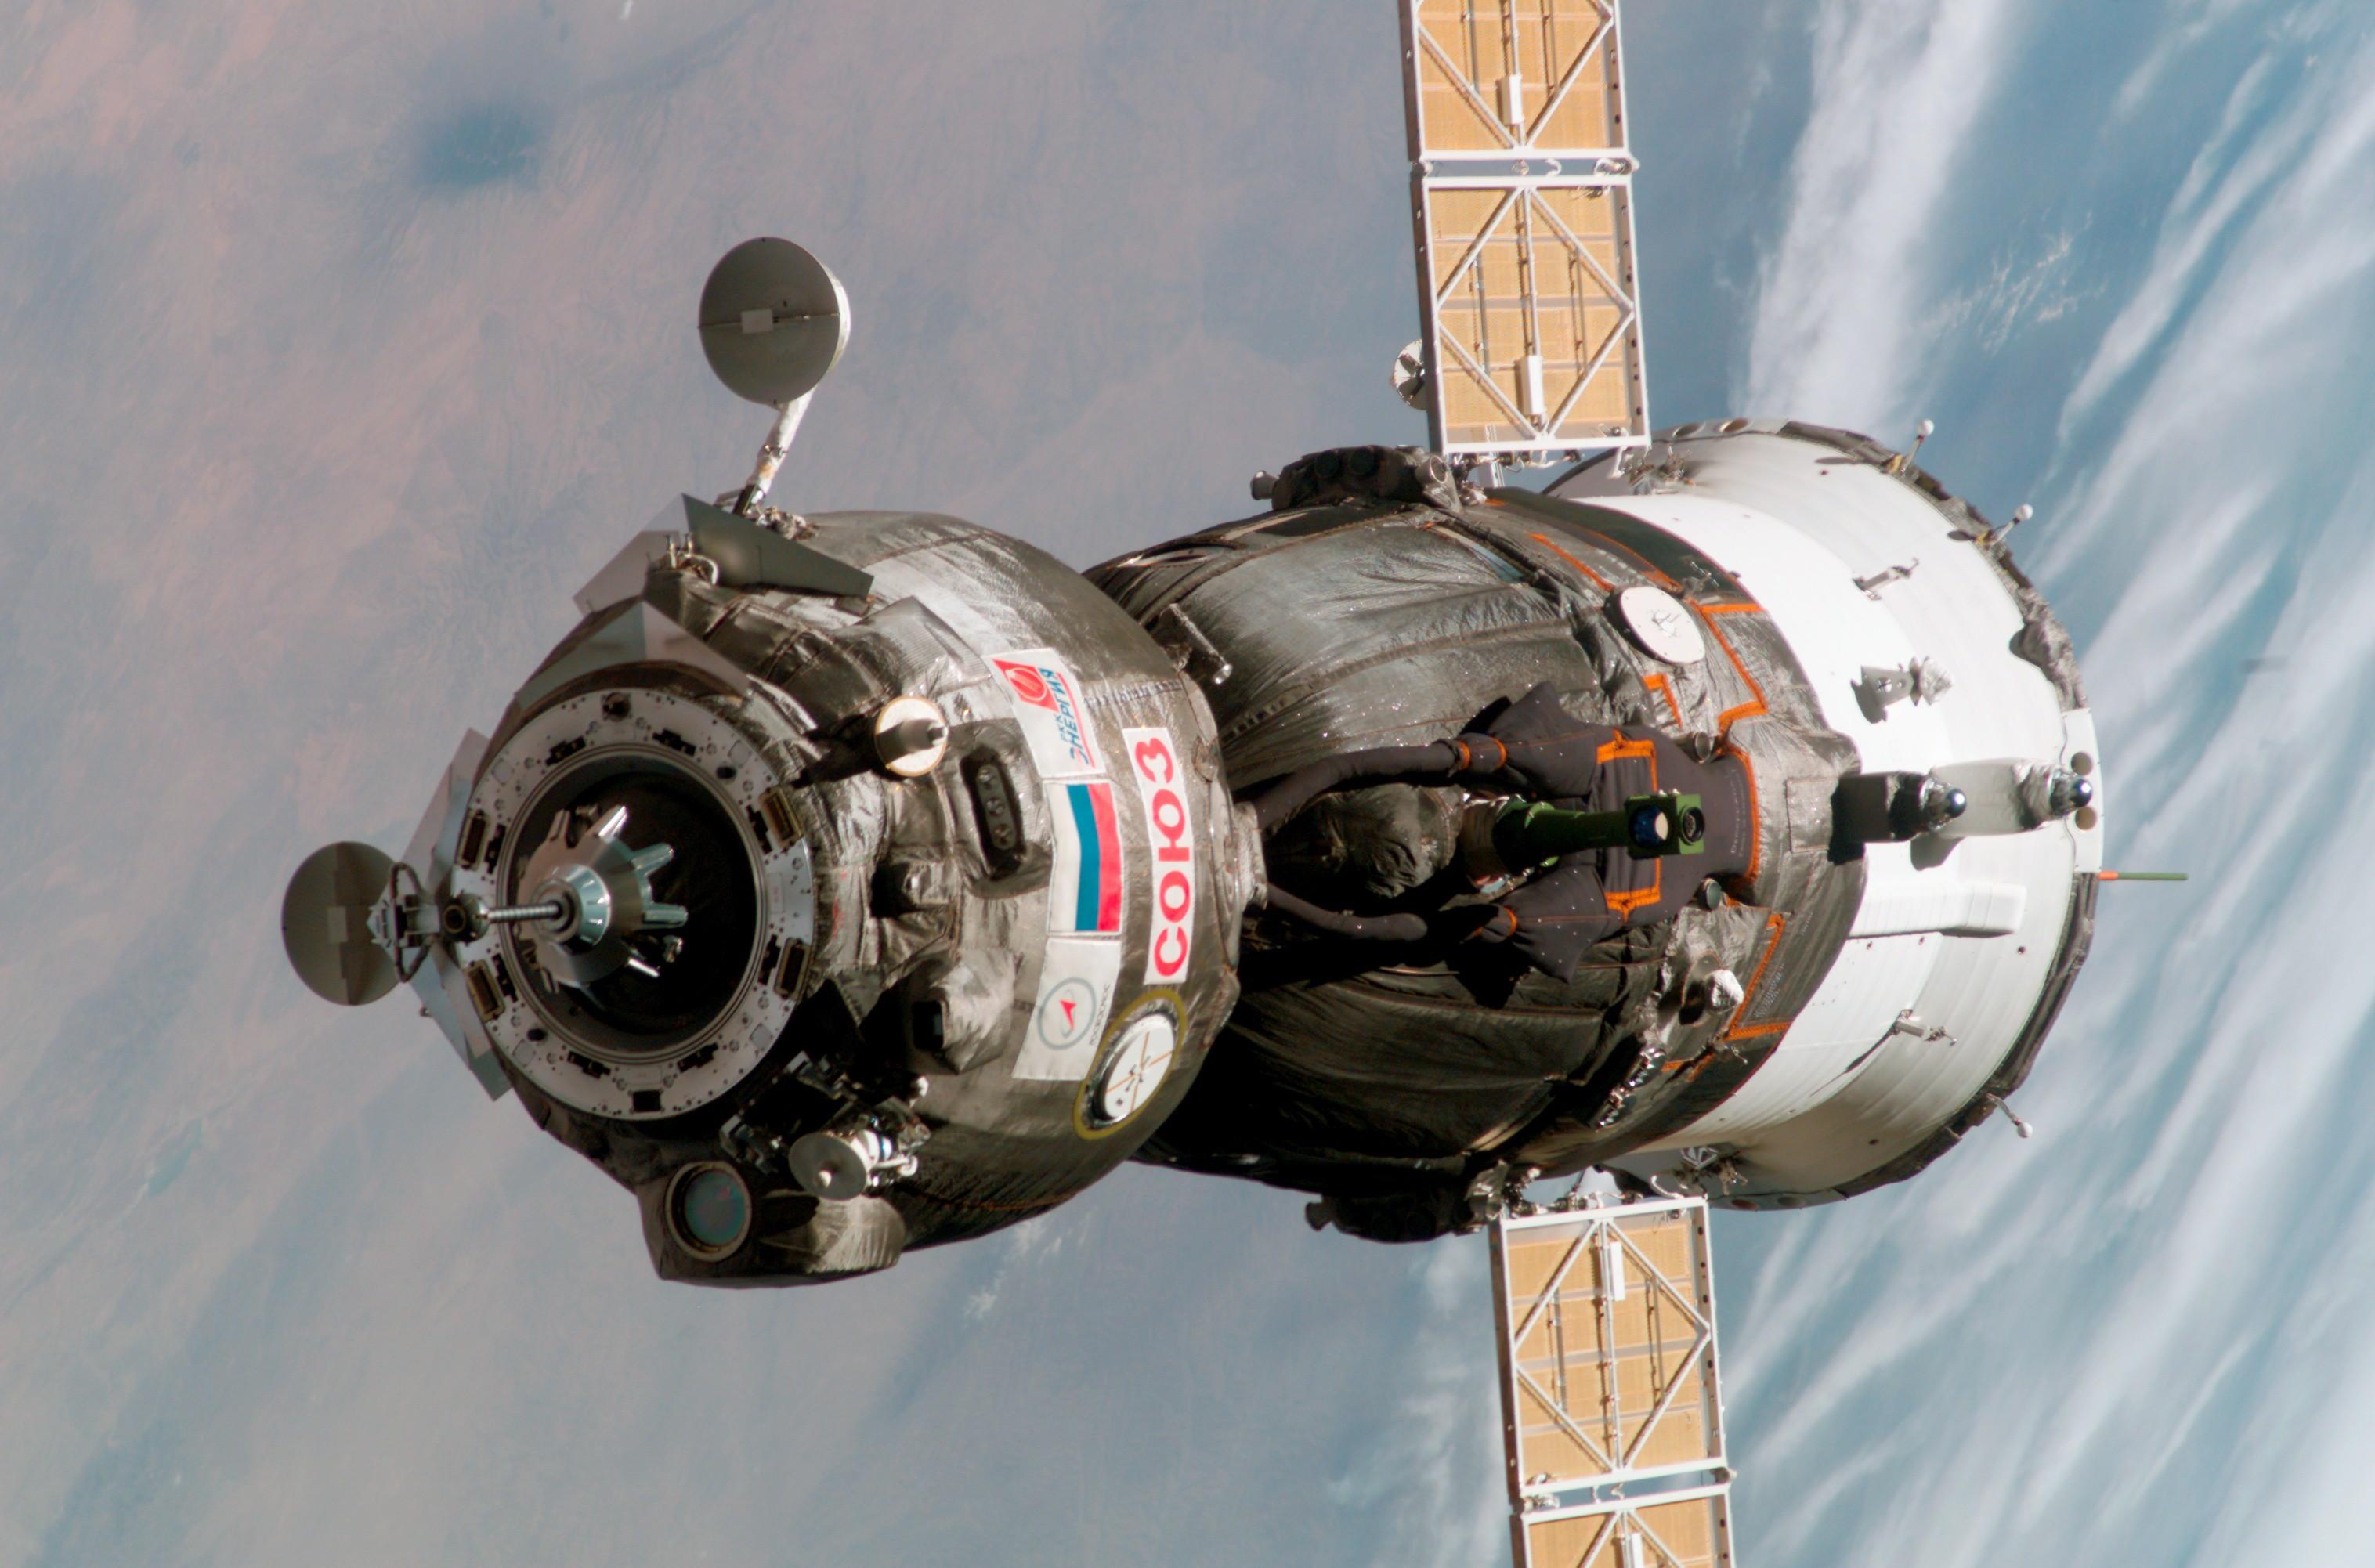 russian spacecraft soyuz - photo #16